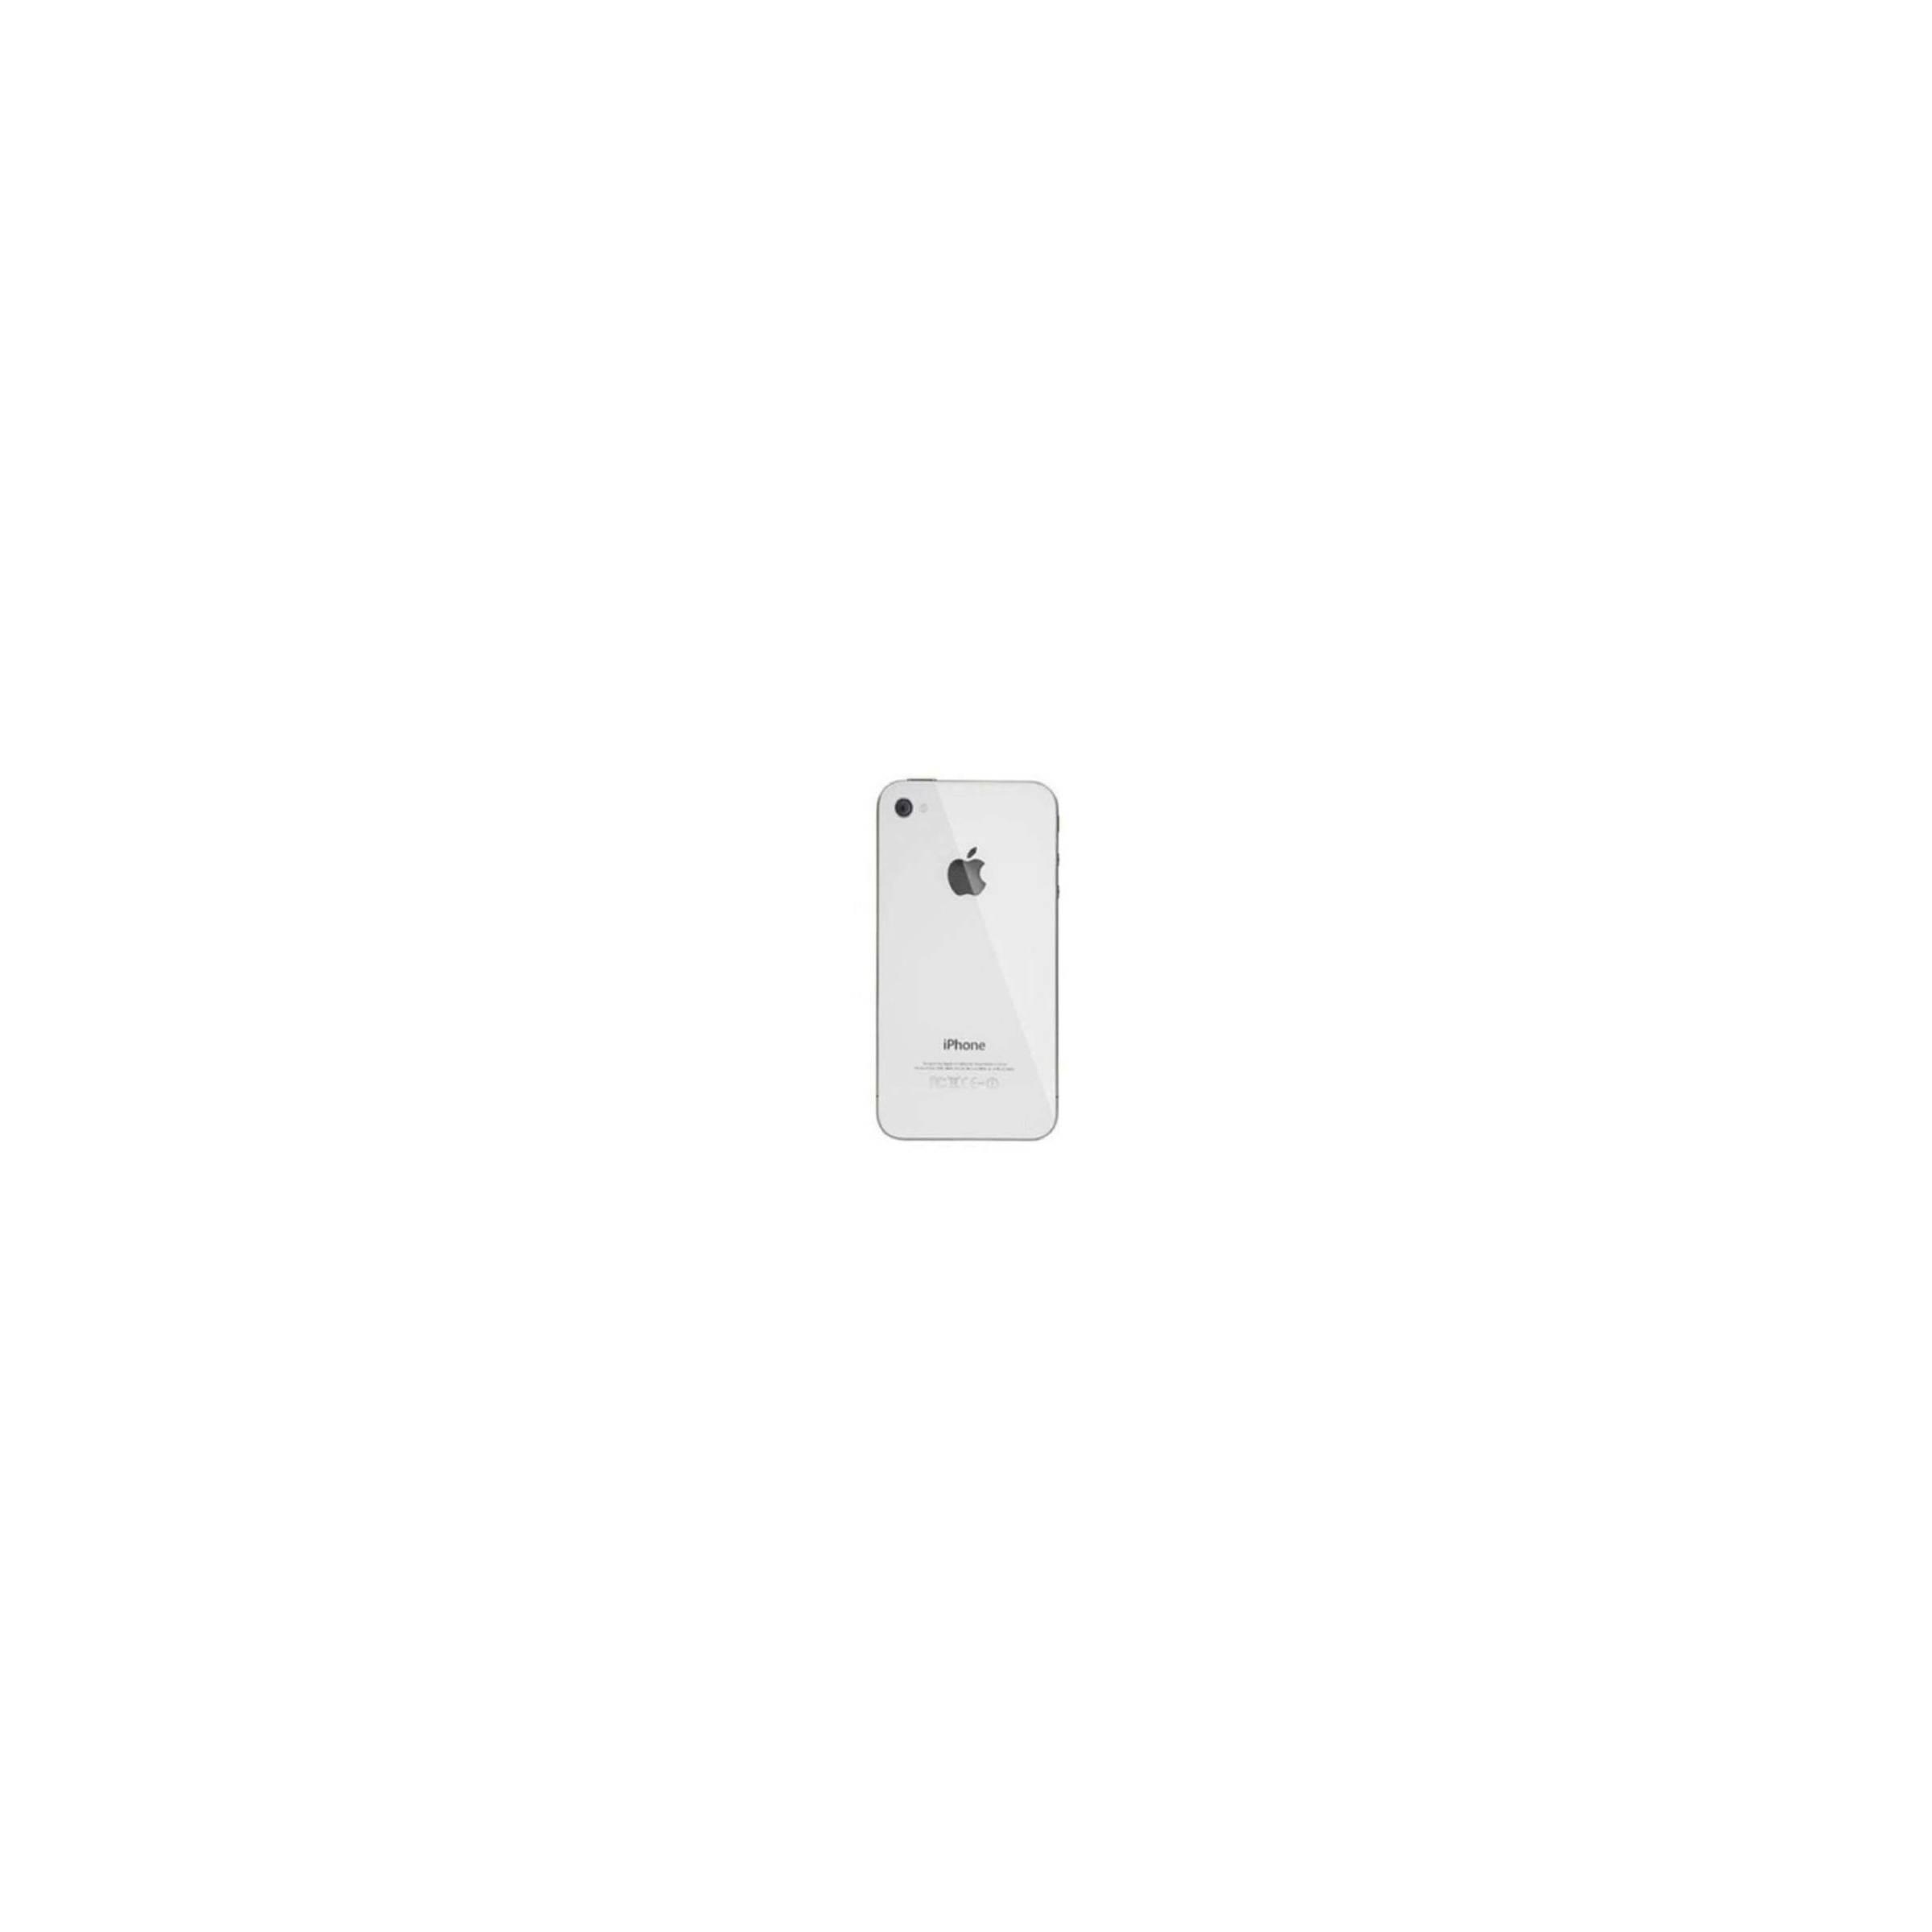 Iphone 4 glass back bagsiden farve hvid fra sinox fra mackabler.dk